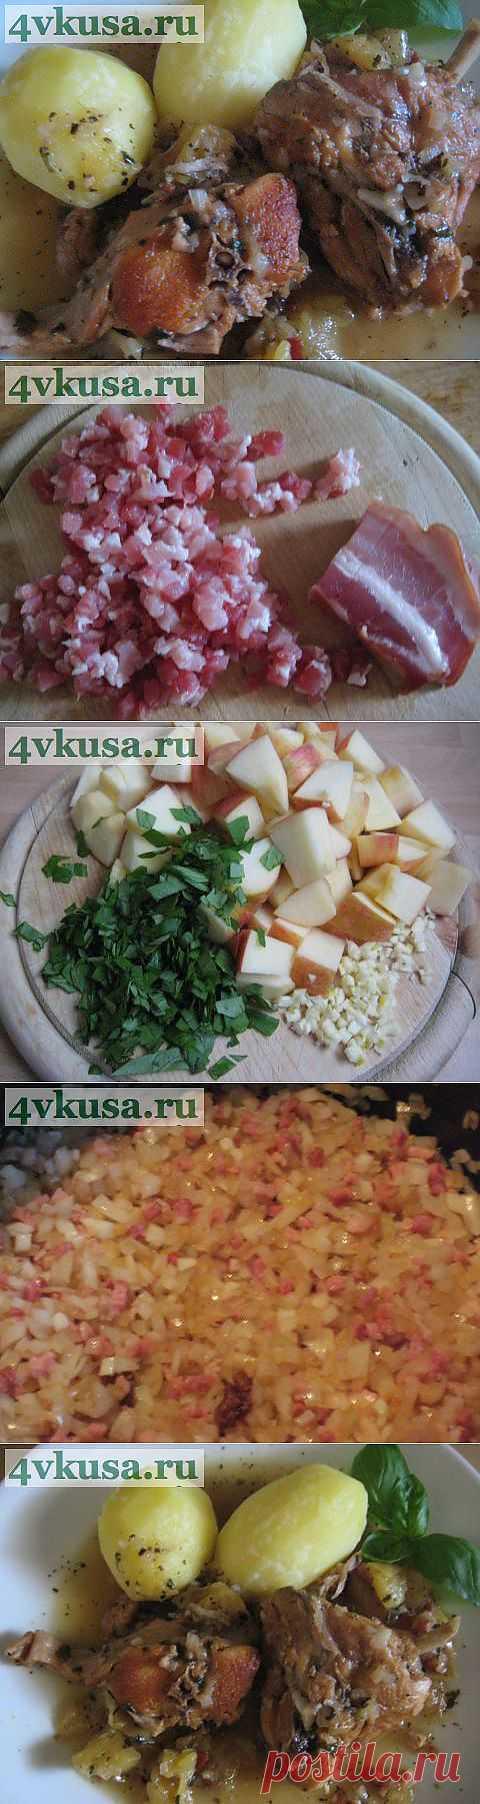 Кролик в яблочном вине. | 4vkusa.ru